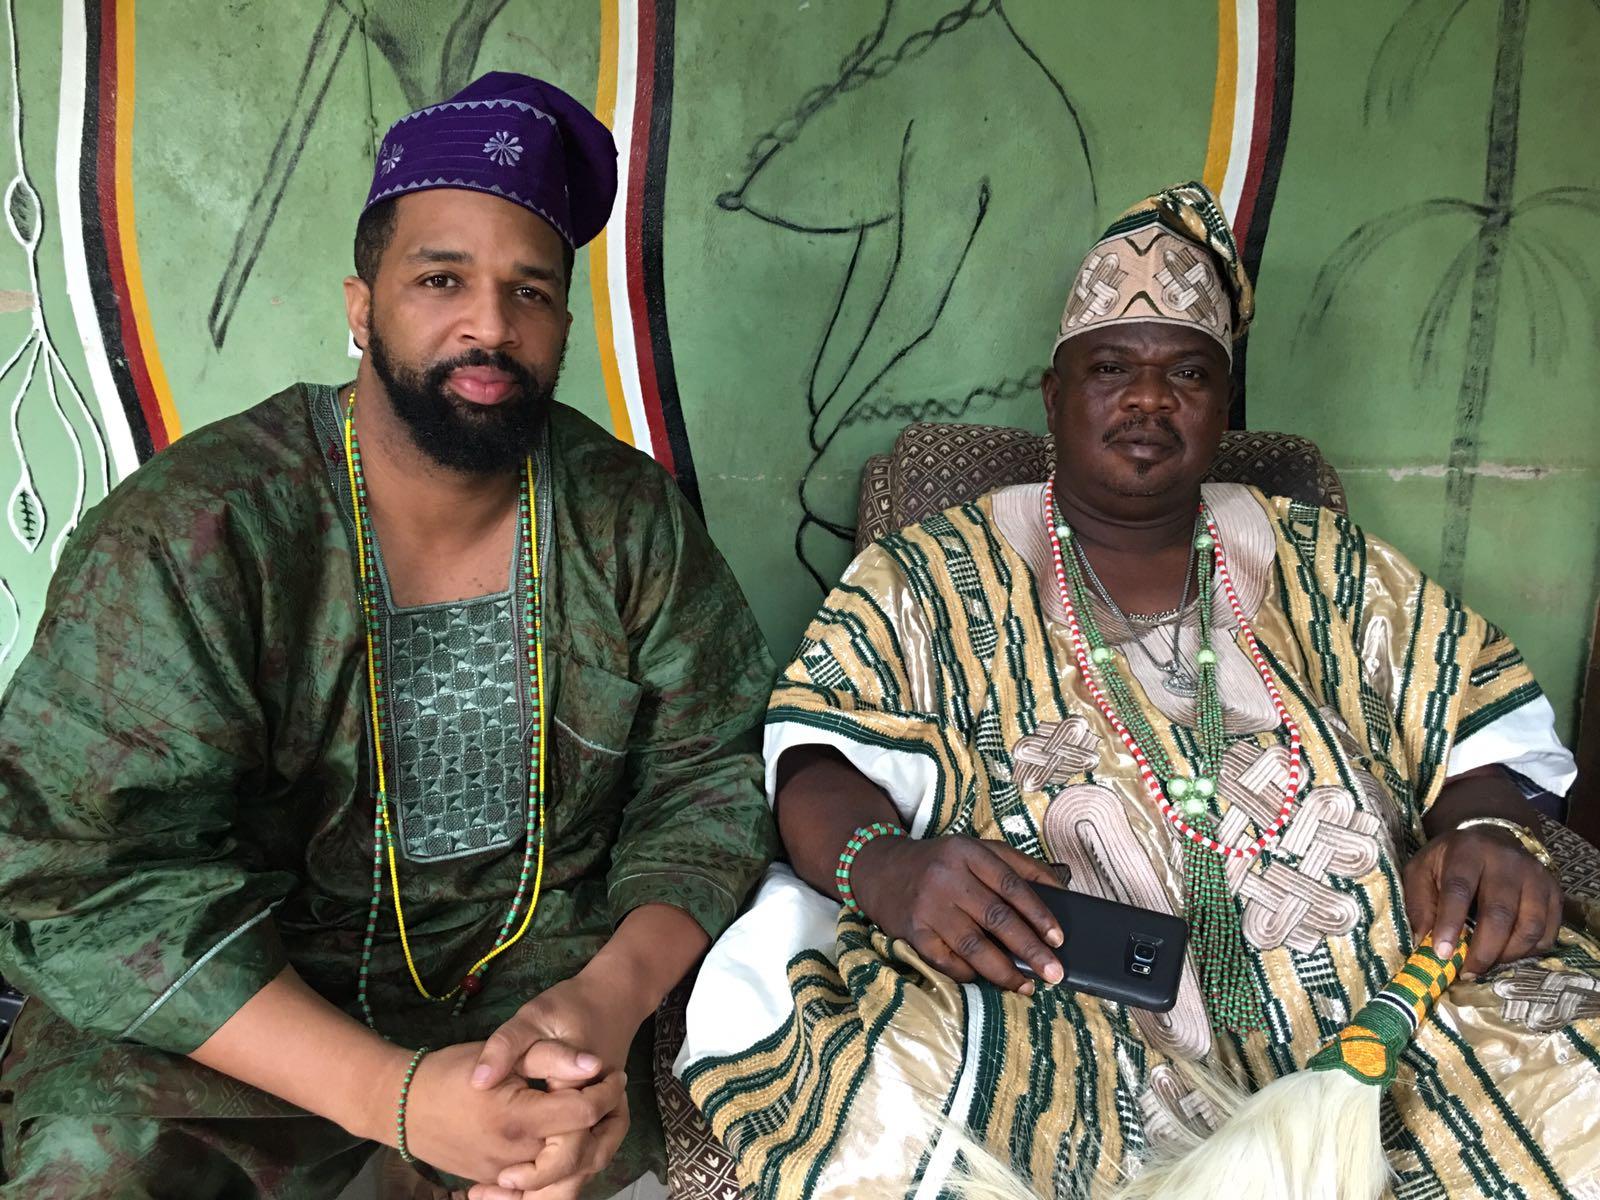 Chief Awósanmí Ò   ṣ   untógùn Sékou Alájé and his Oluwo Agbongbon Fakayode Faniyi